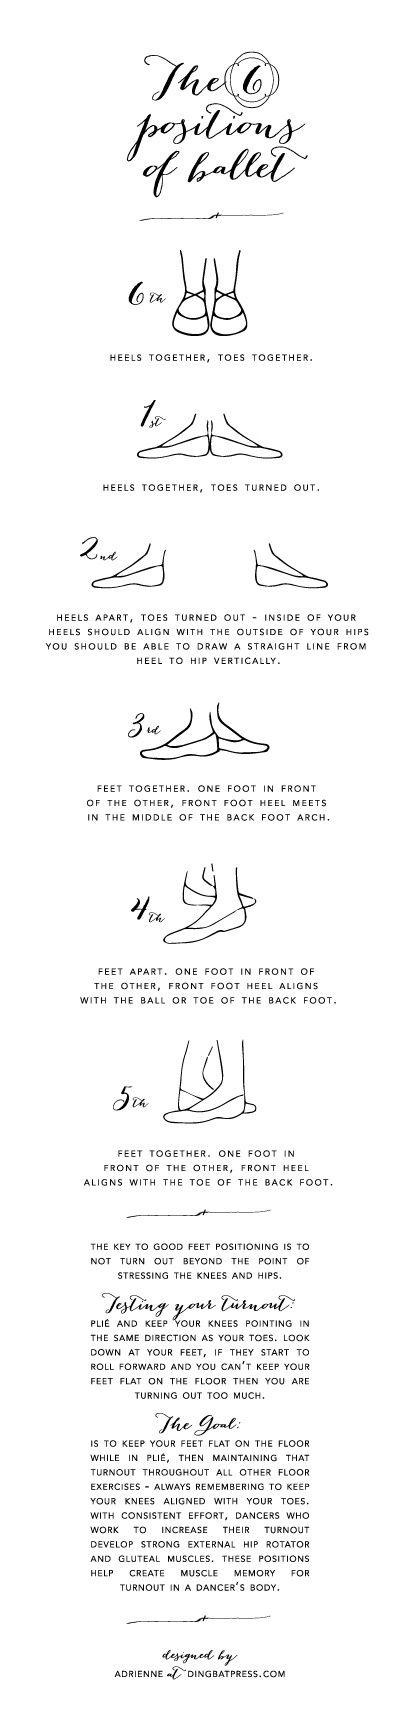 Ballet positions! How many do you know?  para mi siempre fueron cinco: primera, segunda, tercera, cuarta, quinta...